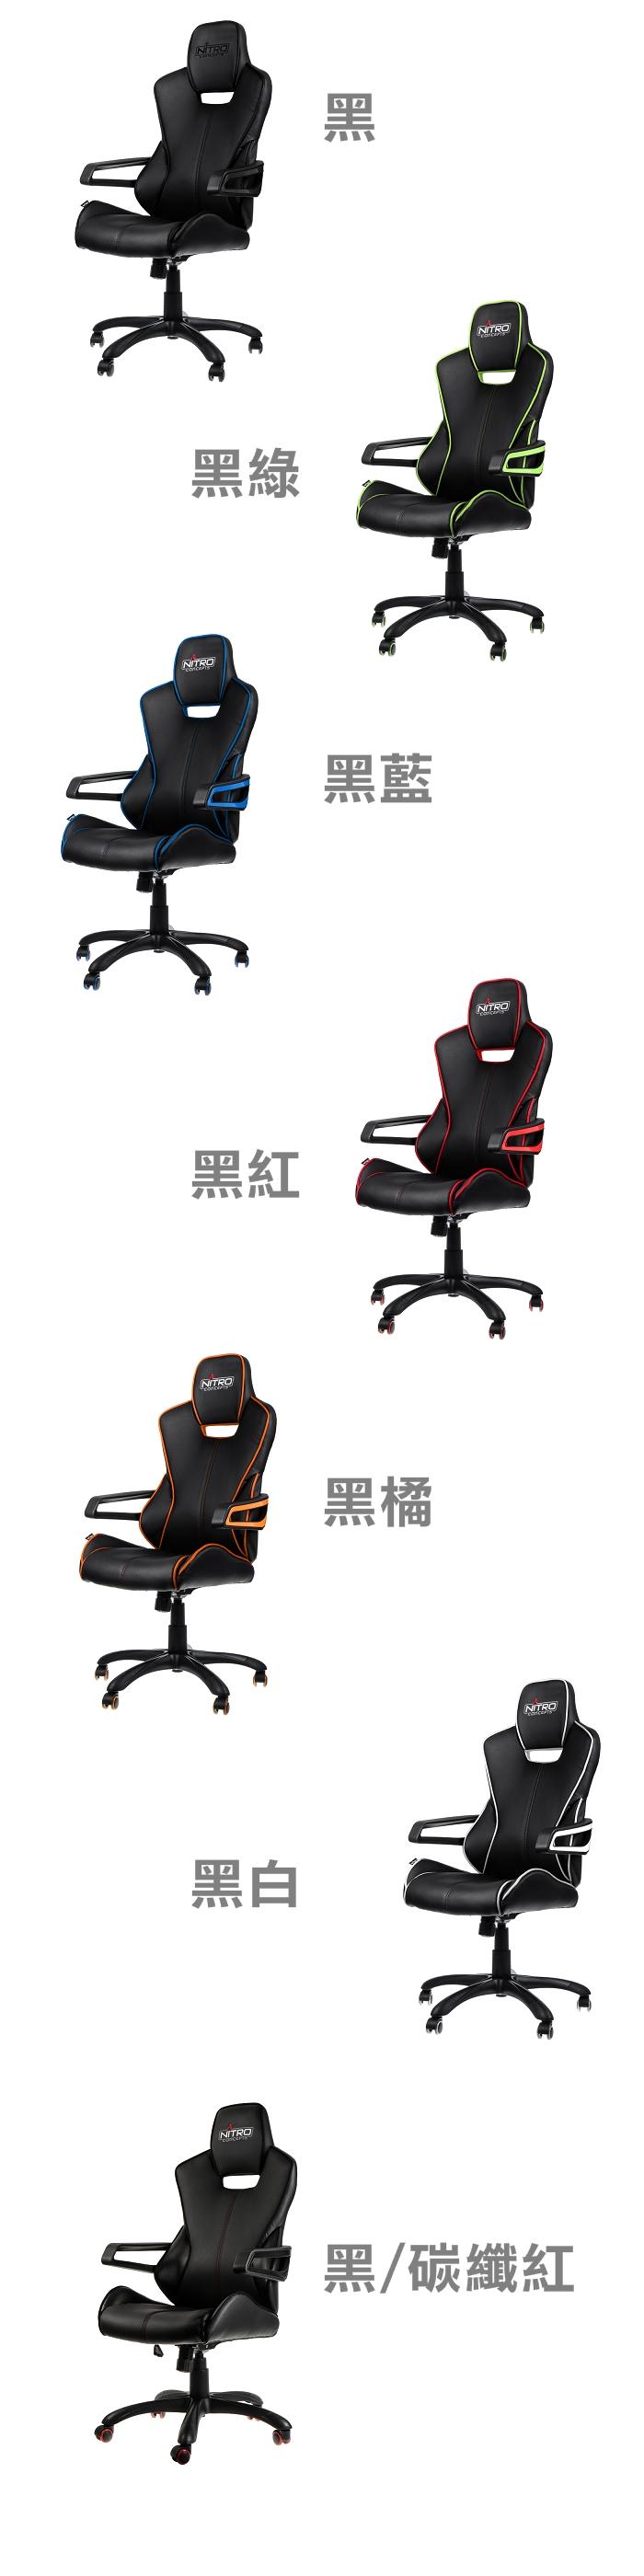 Nitro|Concepts E200 電競電腦椅